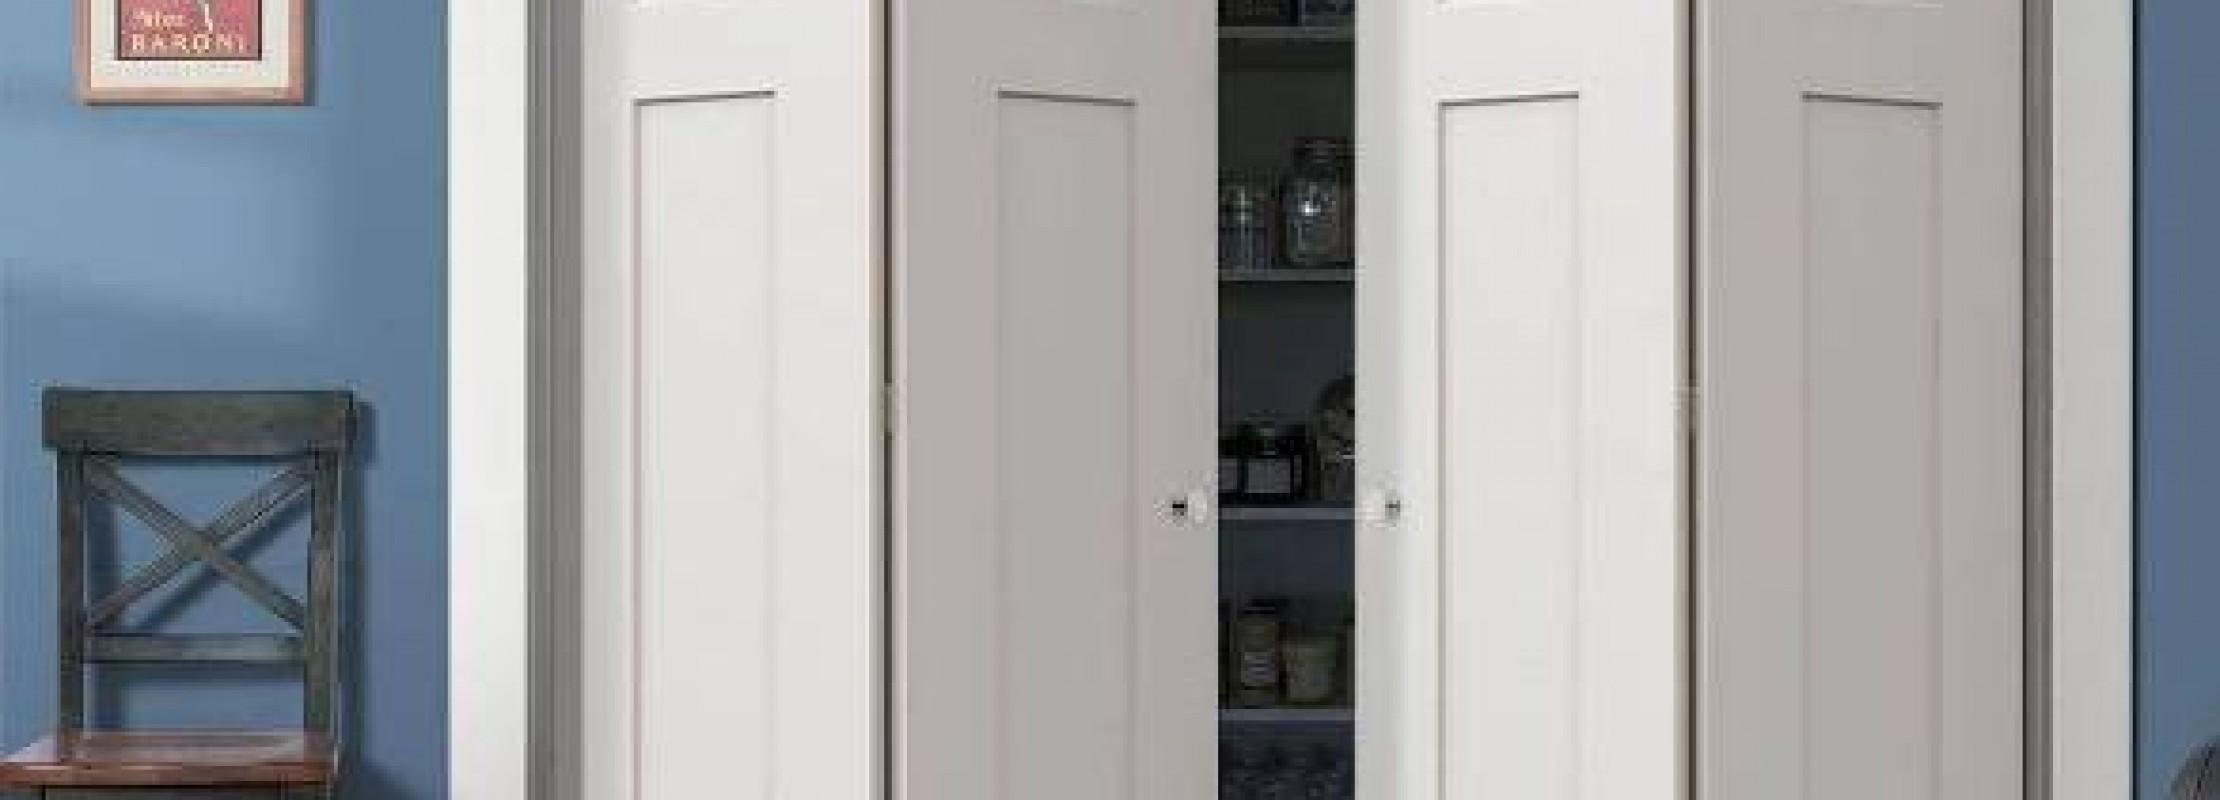 Costo porte in legno amazing gallery of porta a libro in legno prezzi prezzi porte a libro con - Porta a soffietto in legno ...